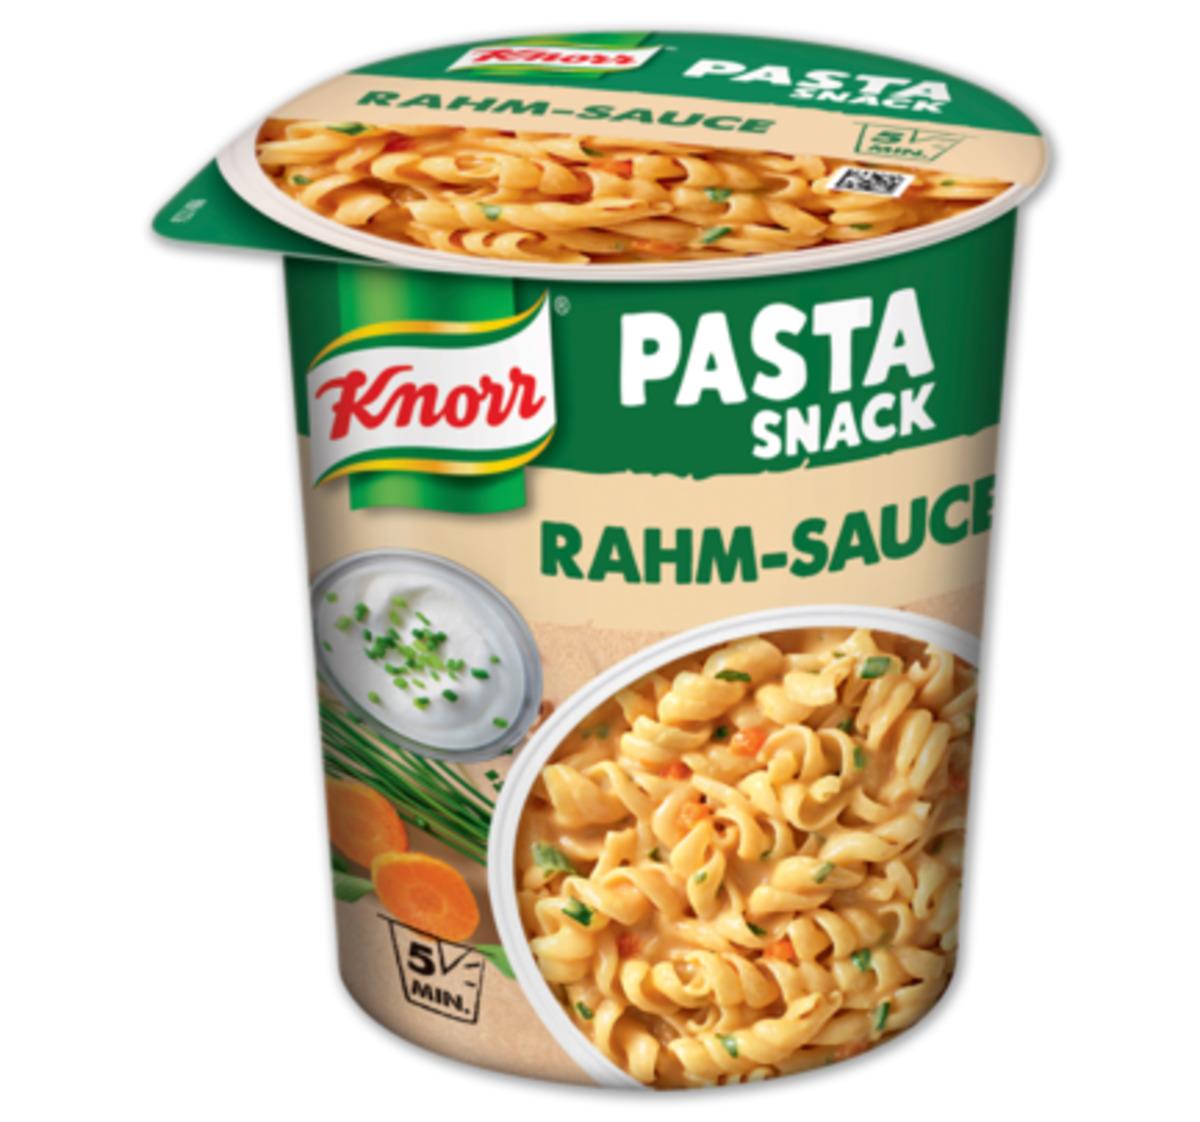 Bild 2 von KNORR Pasta-Snack